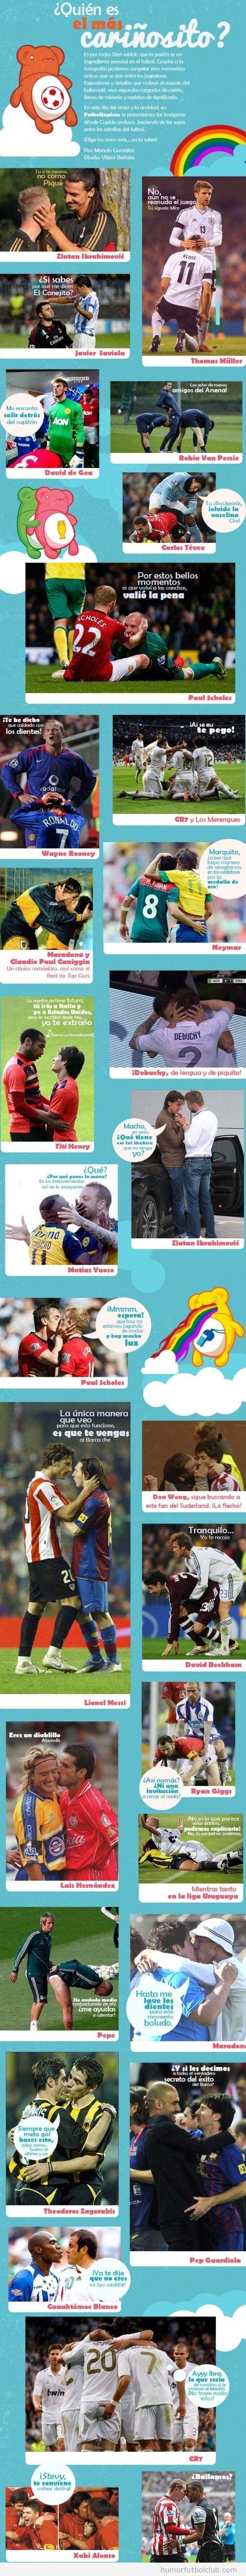 Quién es el futbolista más cariñosito Fotos-graciosas-juagdores-futbol-actitud-amorosa-compa%C3%B1eros